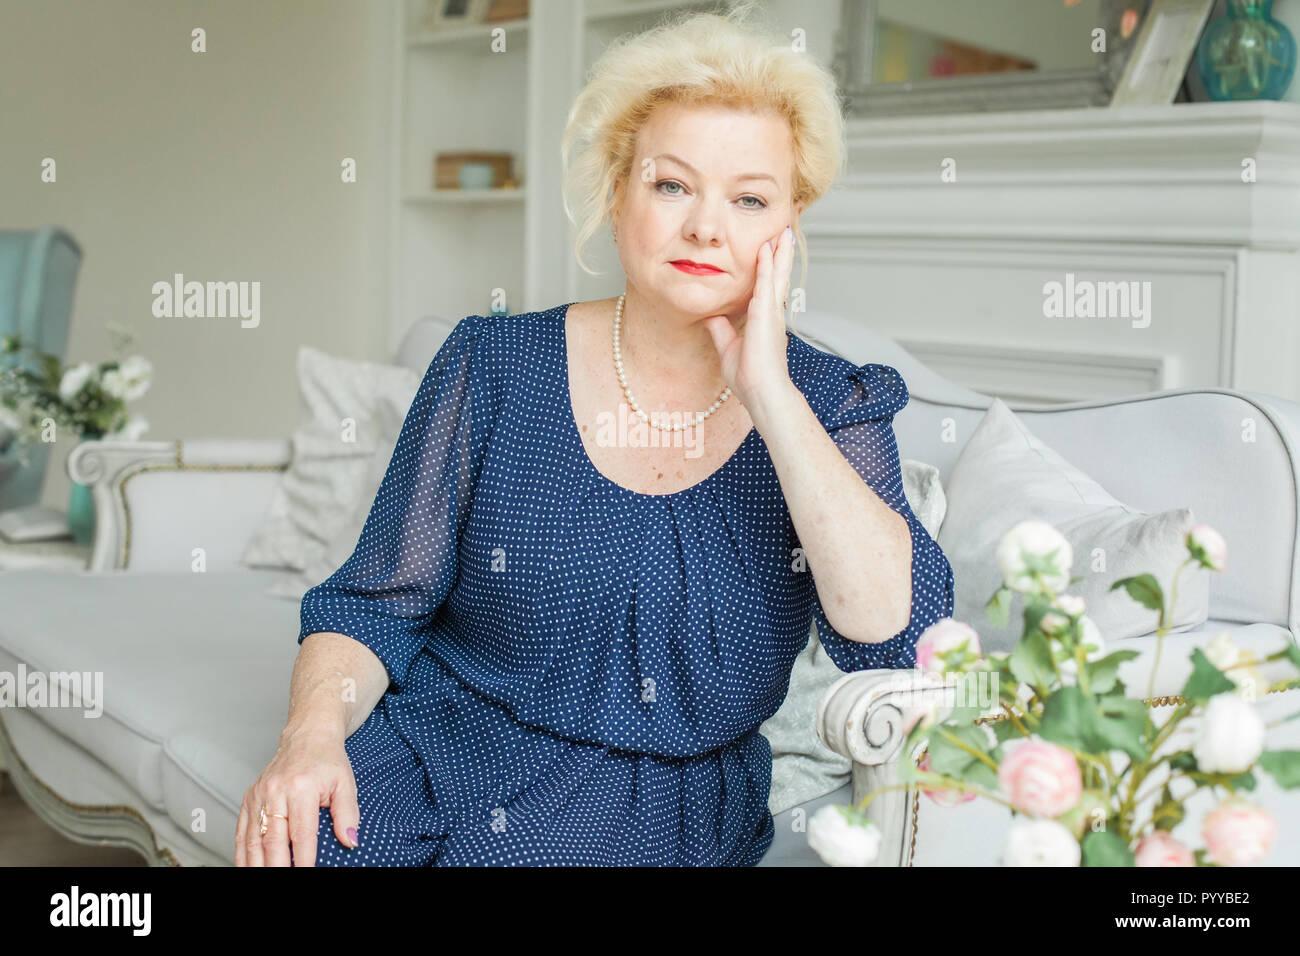 Retrato de mujer anciana rubia en casa, de 60 años de edad Imagen De Stock